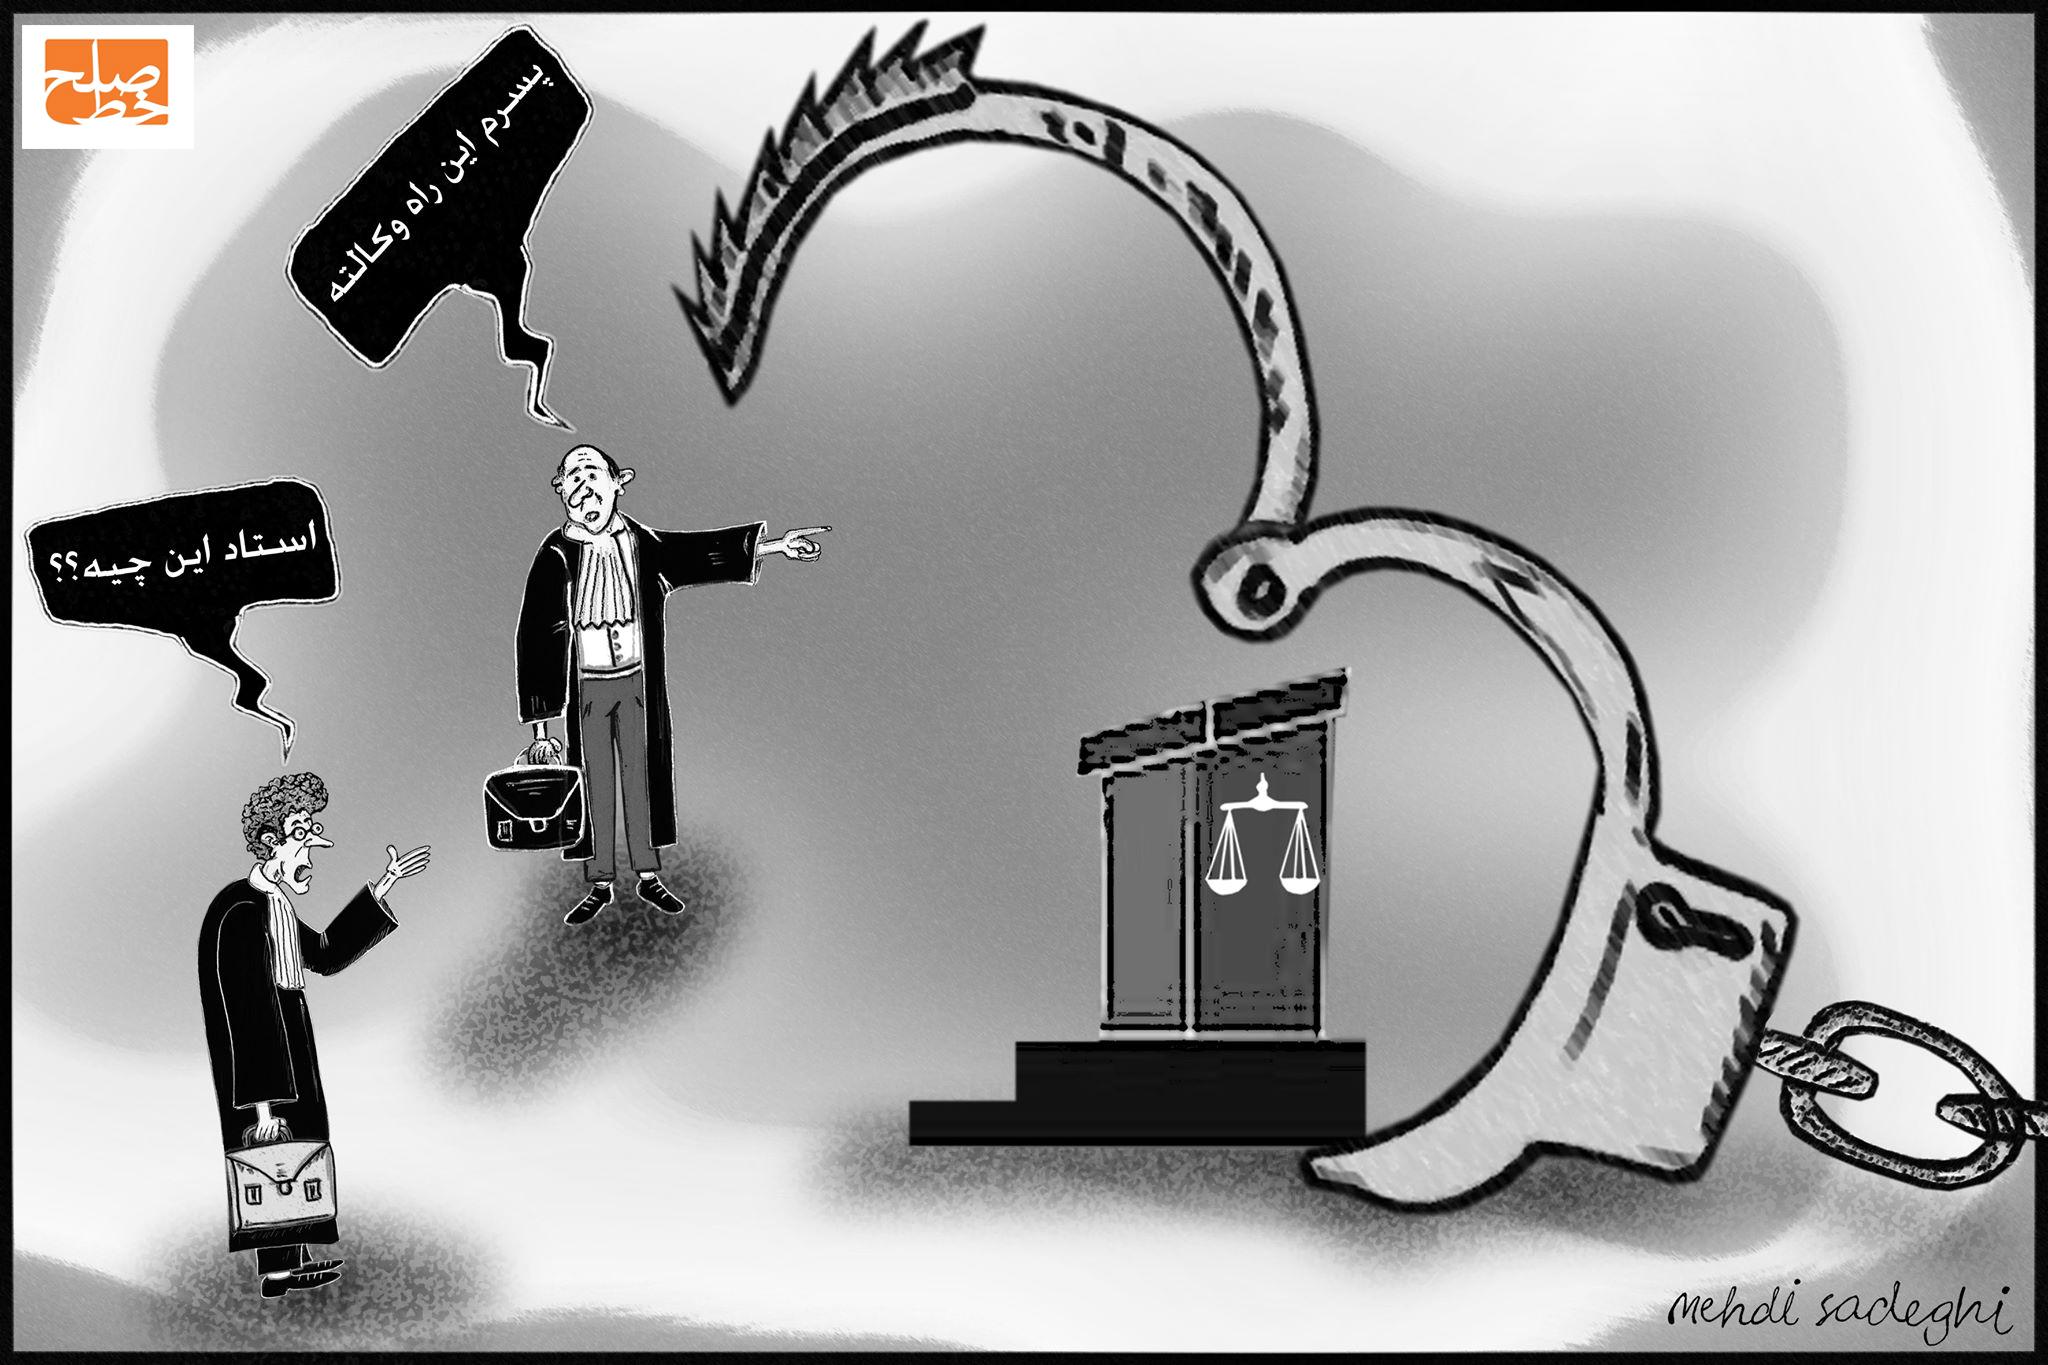 در حاشیه افزایش برخورد با وکلای دادگستری – کاری از مهدی صادقی